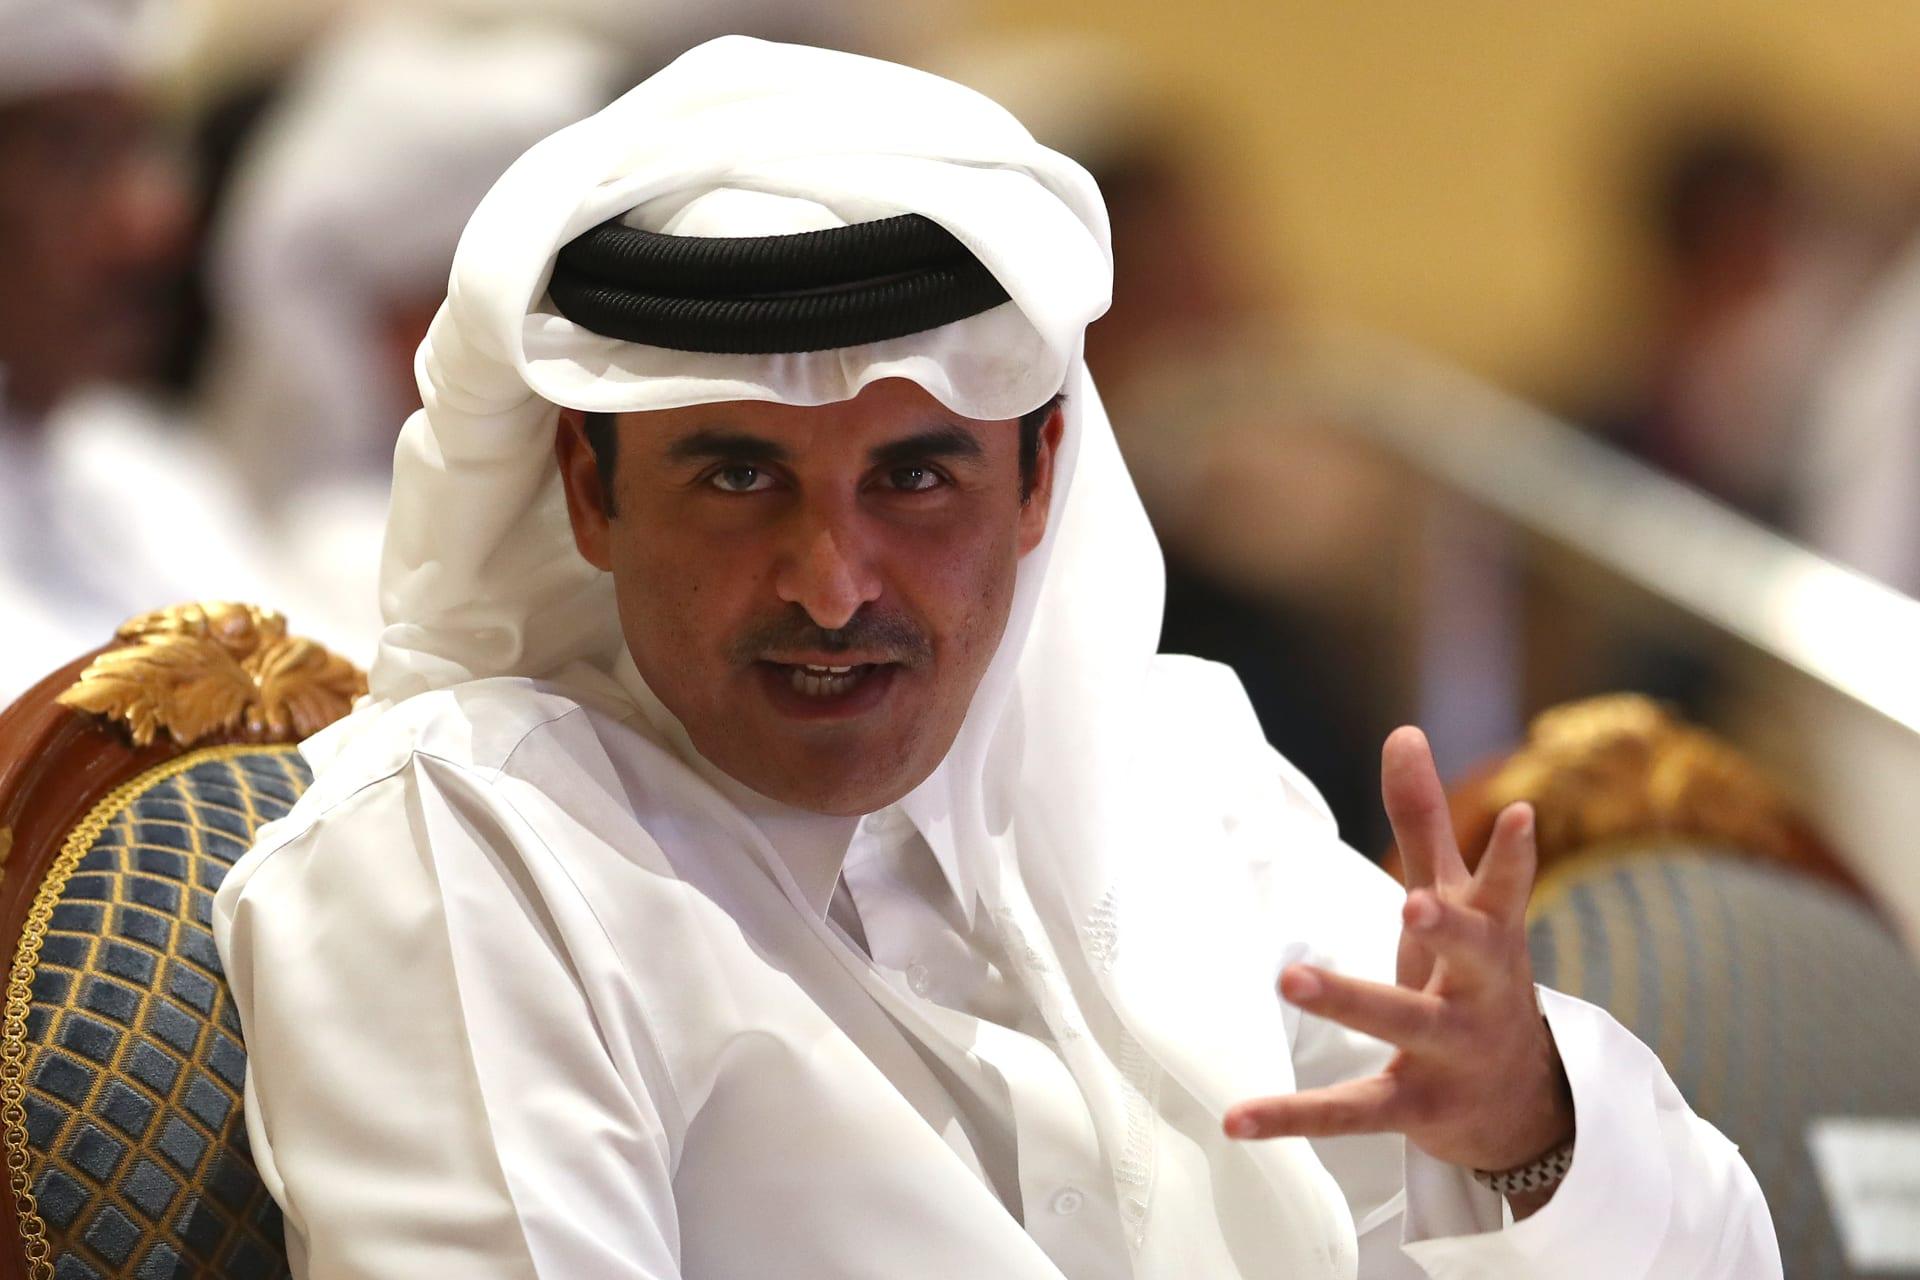 """العقوبة 5 سنوات و100 ألف ريال.. تعديلات قانون """"إثارة الرأي العام"""" تثير جدلا واسعًا في قطر"""